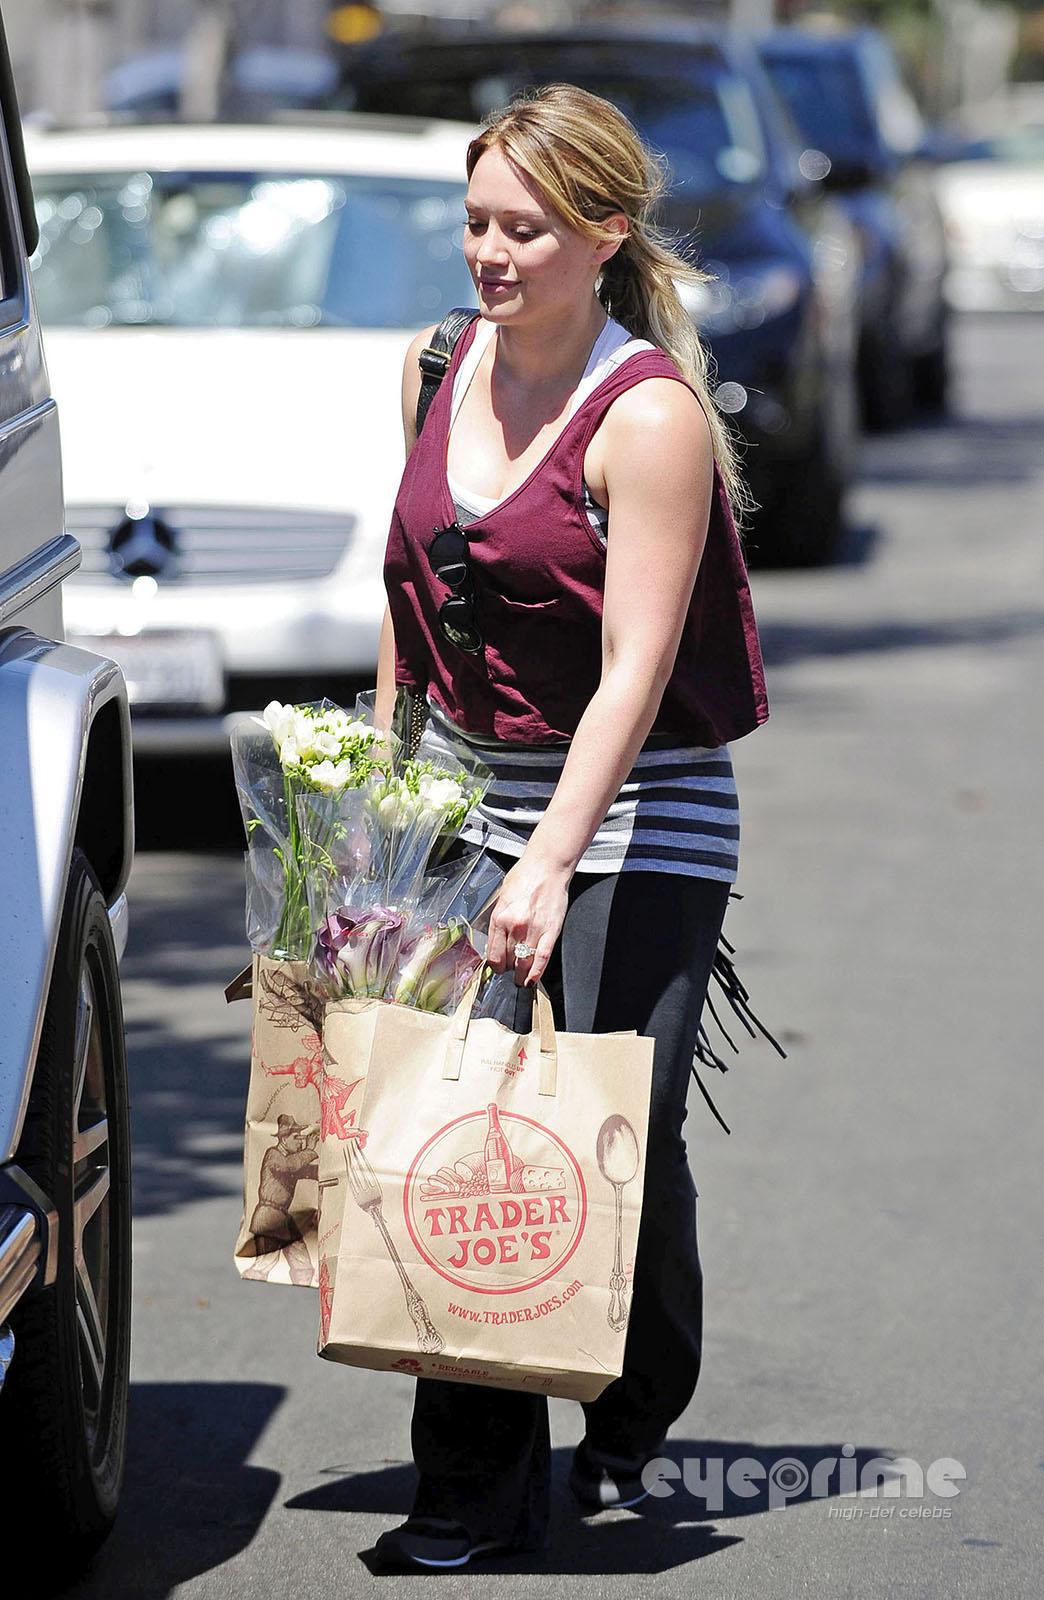 http://1.bp.blogspot.com/-dSrtIET148I/Tlxlb4GXHSI/AAAAAAAAI0U/j7PBKJjqNGY/s1600/hilary-duff-trader-joes-bags.jpg